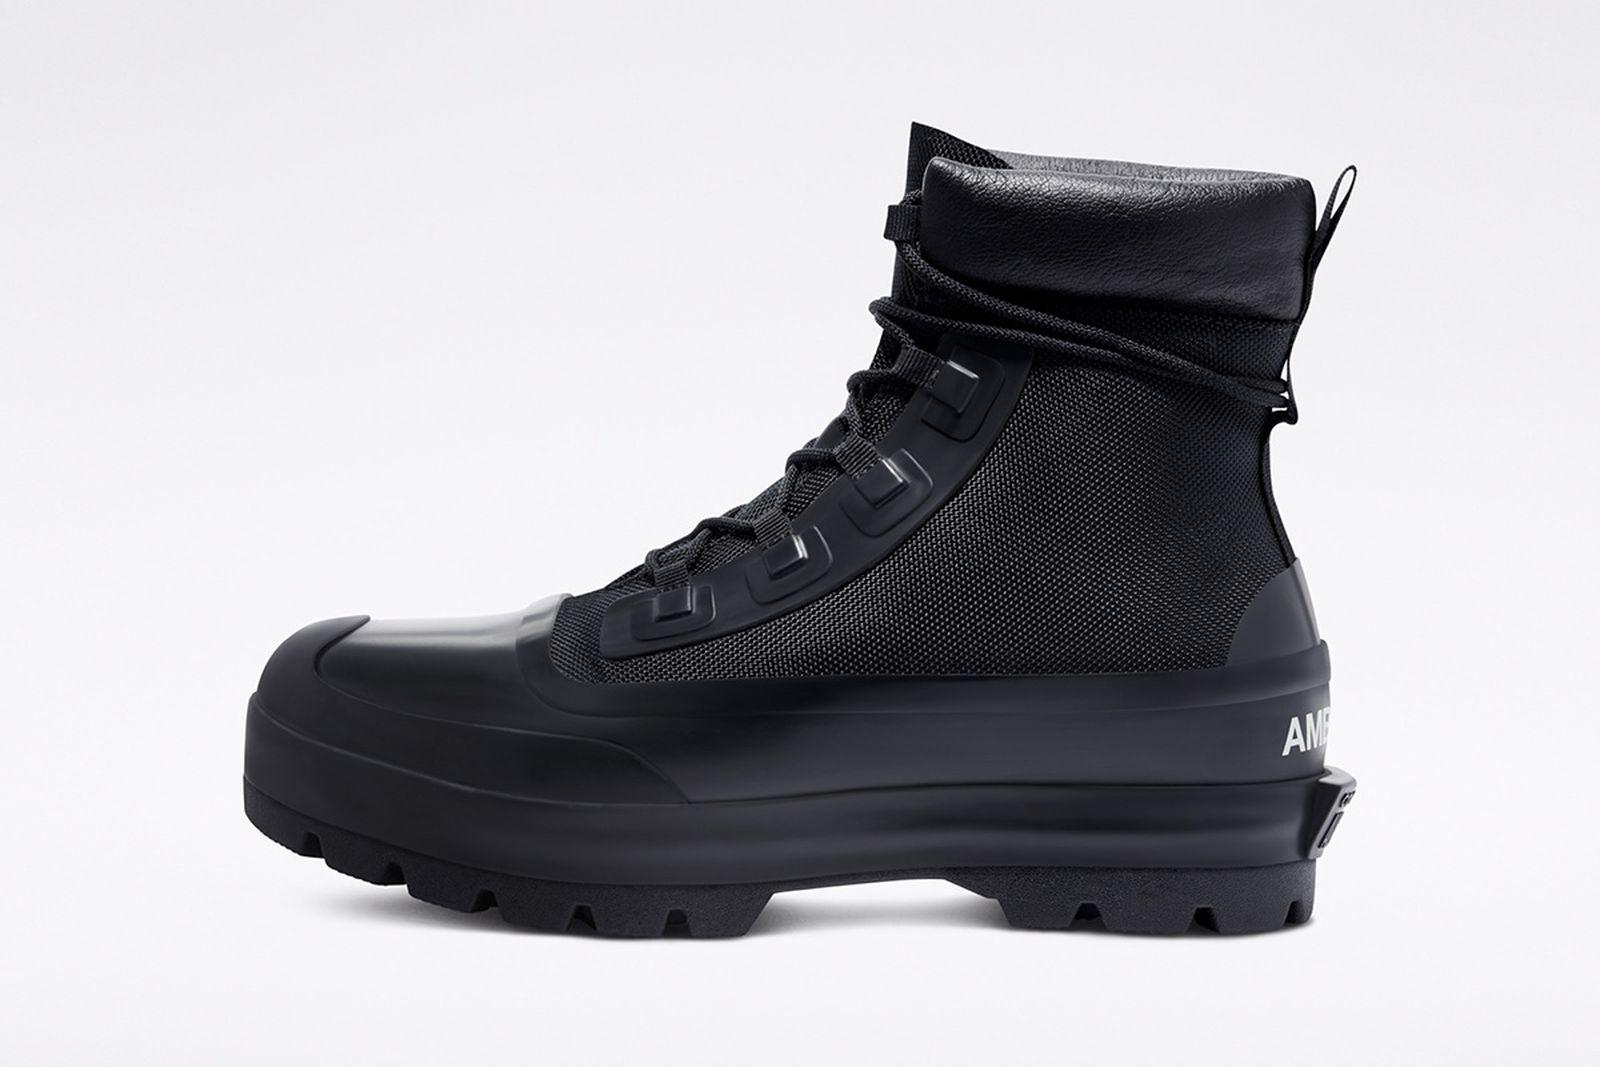 ambush-converse-ctas-duck-boot-release-date-price-1-22